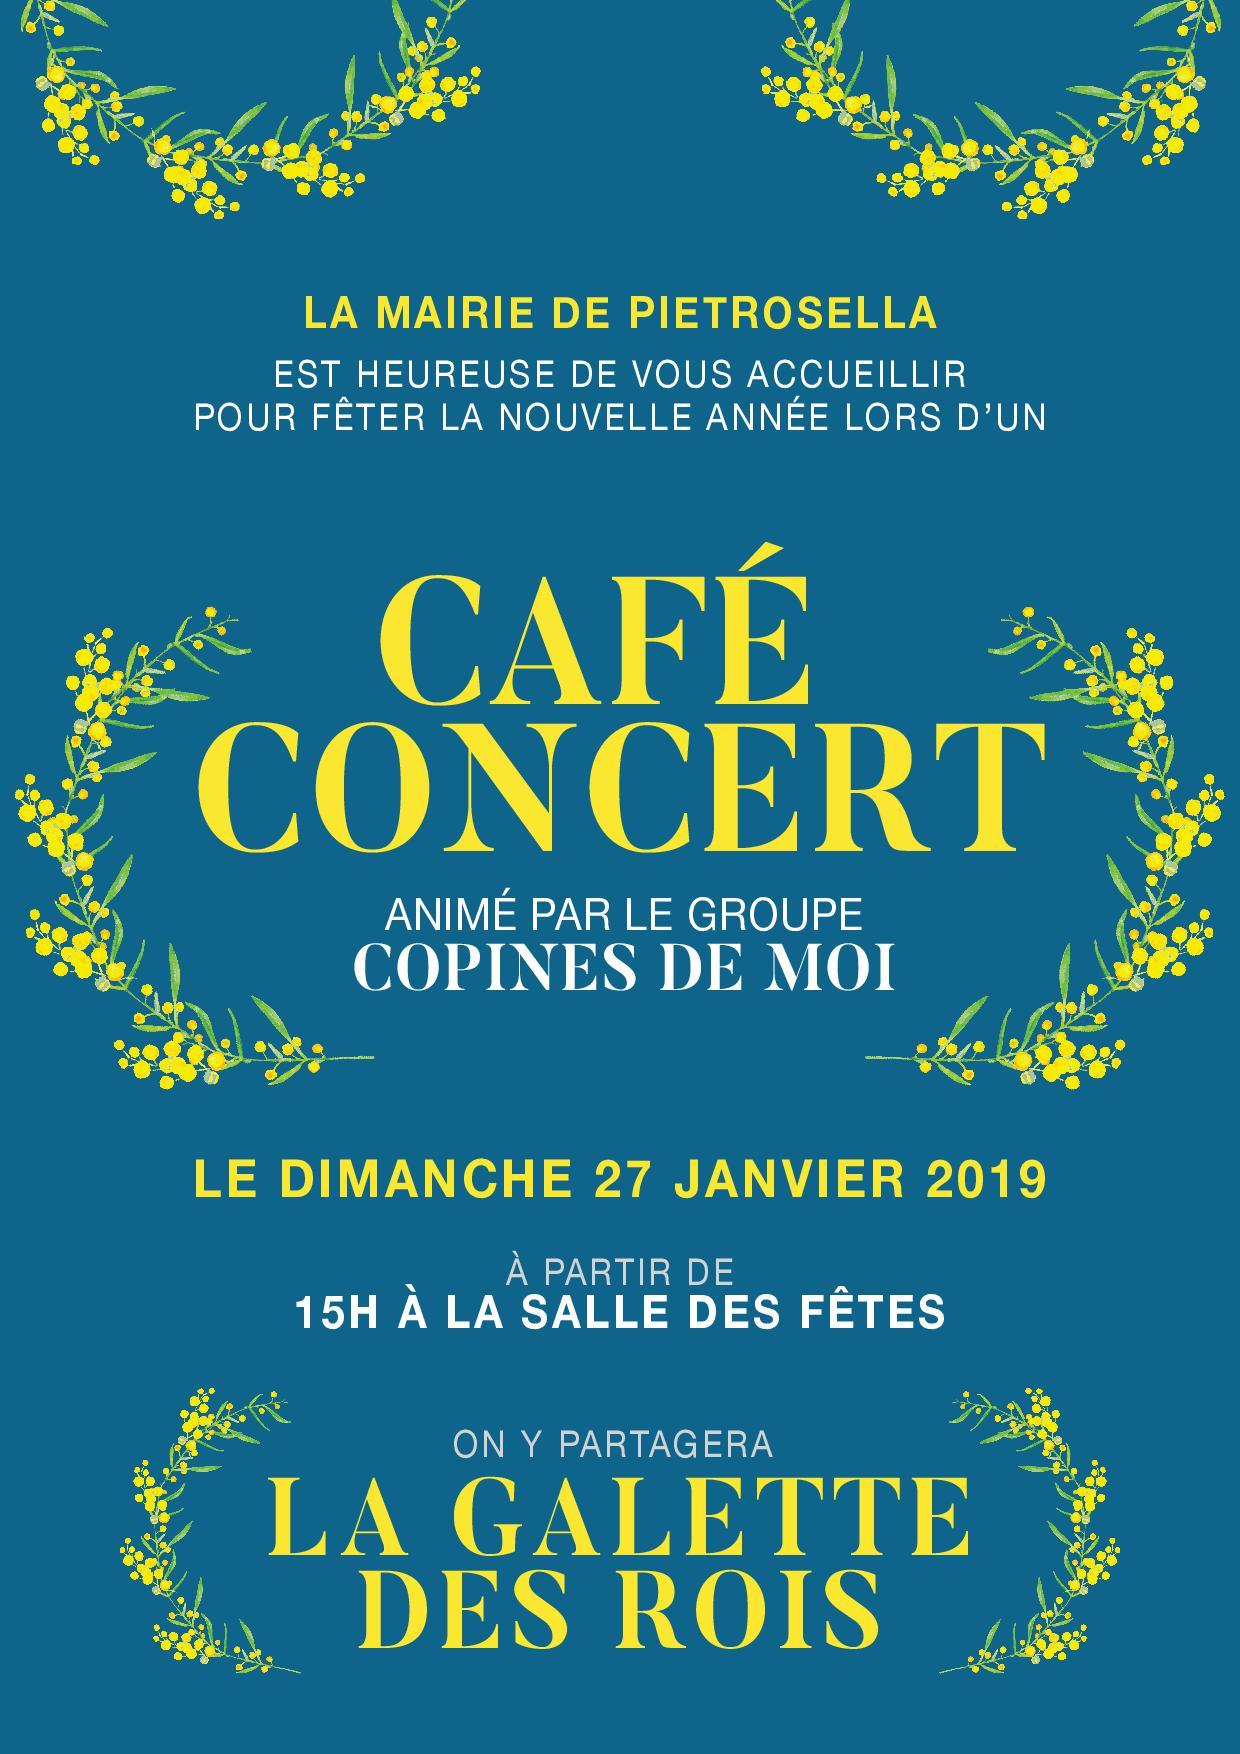 Galette des Rois - Café Concert